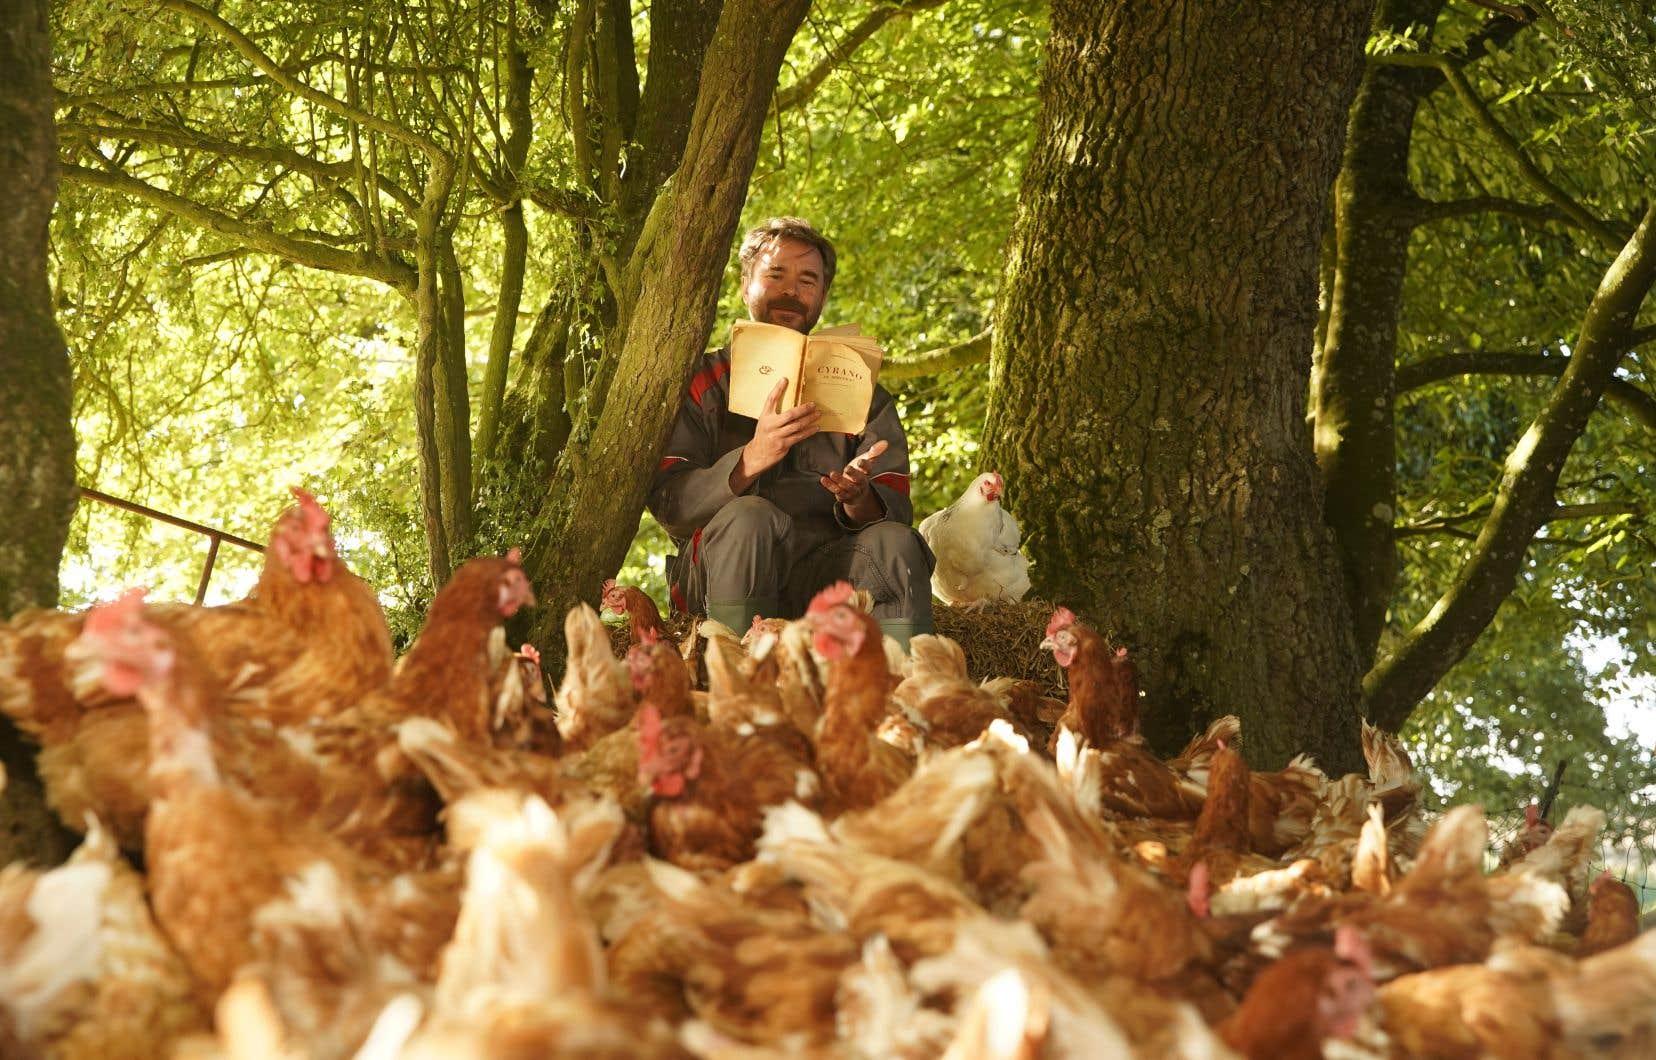 Raymond (Guillaume de Tonquédec) adore son métier d'éleveur de poules. Sa favorite est Roxane. Il l'a prénommée ainsi en l'honneur de <i>Cyrano de Bergerac.</i>